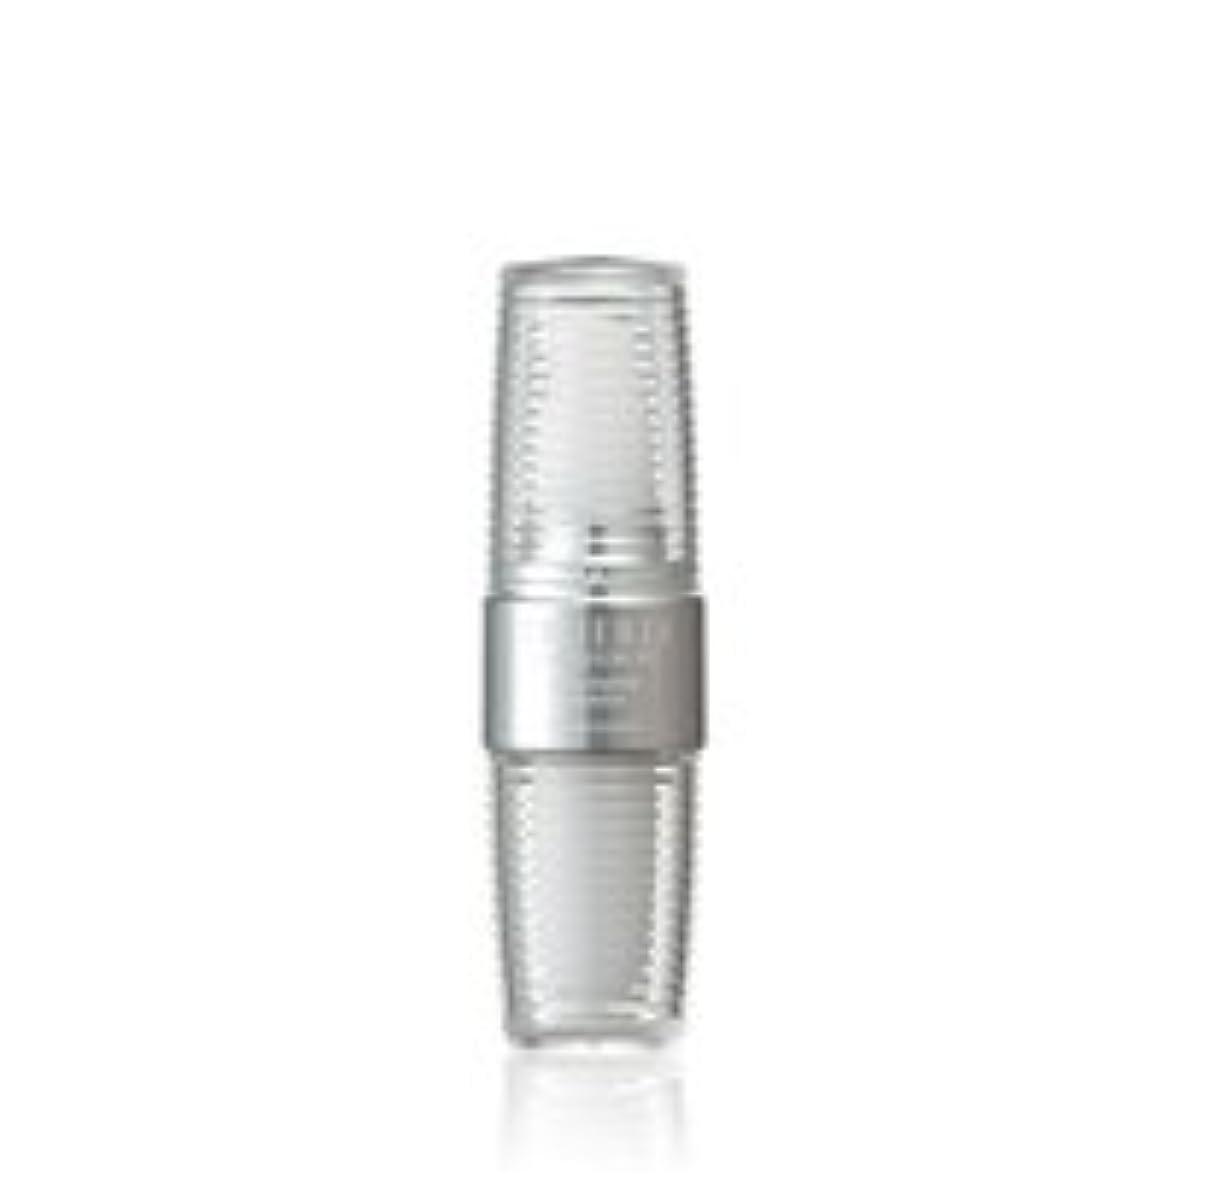 バックアップくすぐったい面白いナリス化粧品 トゥルーリア リミッション PO ポア エクスプレス エッセンス (美容液) 20ml